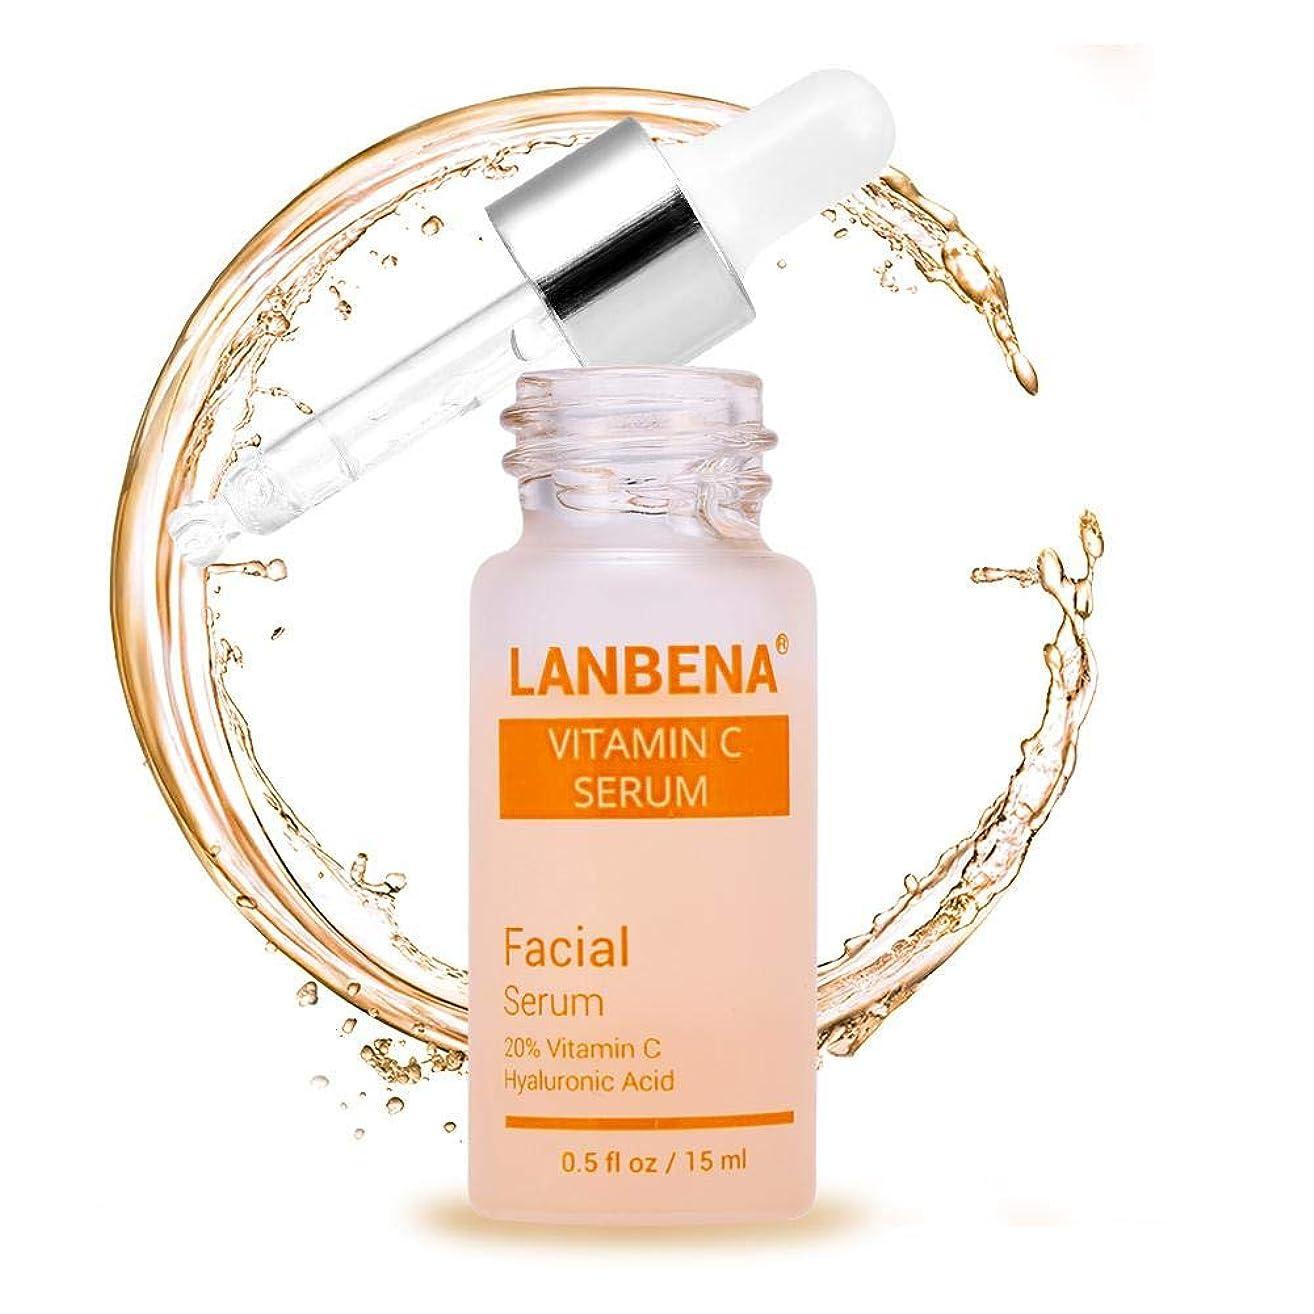 ルーチン代数的現実にはSemmeのビタミンCの顔の血清は女性のための保湿の本質の反肌のリラクゼーション及び反しわのクリームを白くすることをそばかすを減らすのを助けます